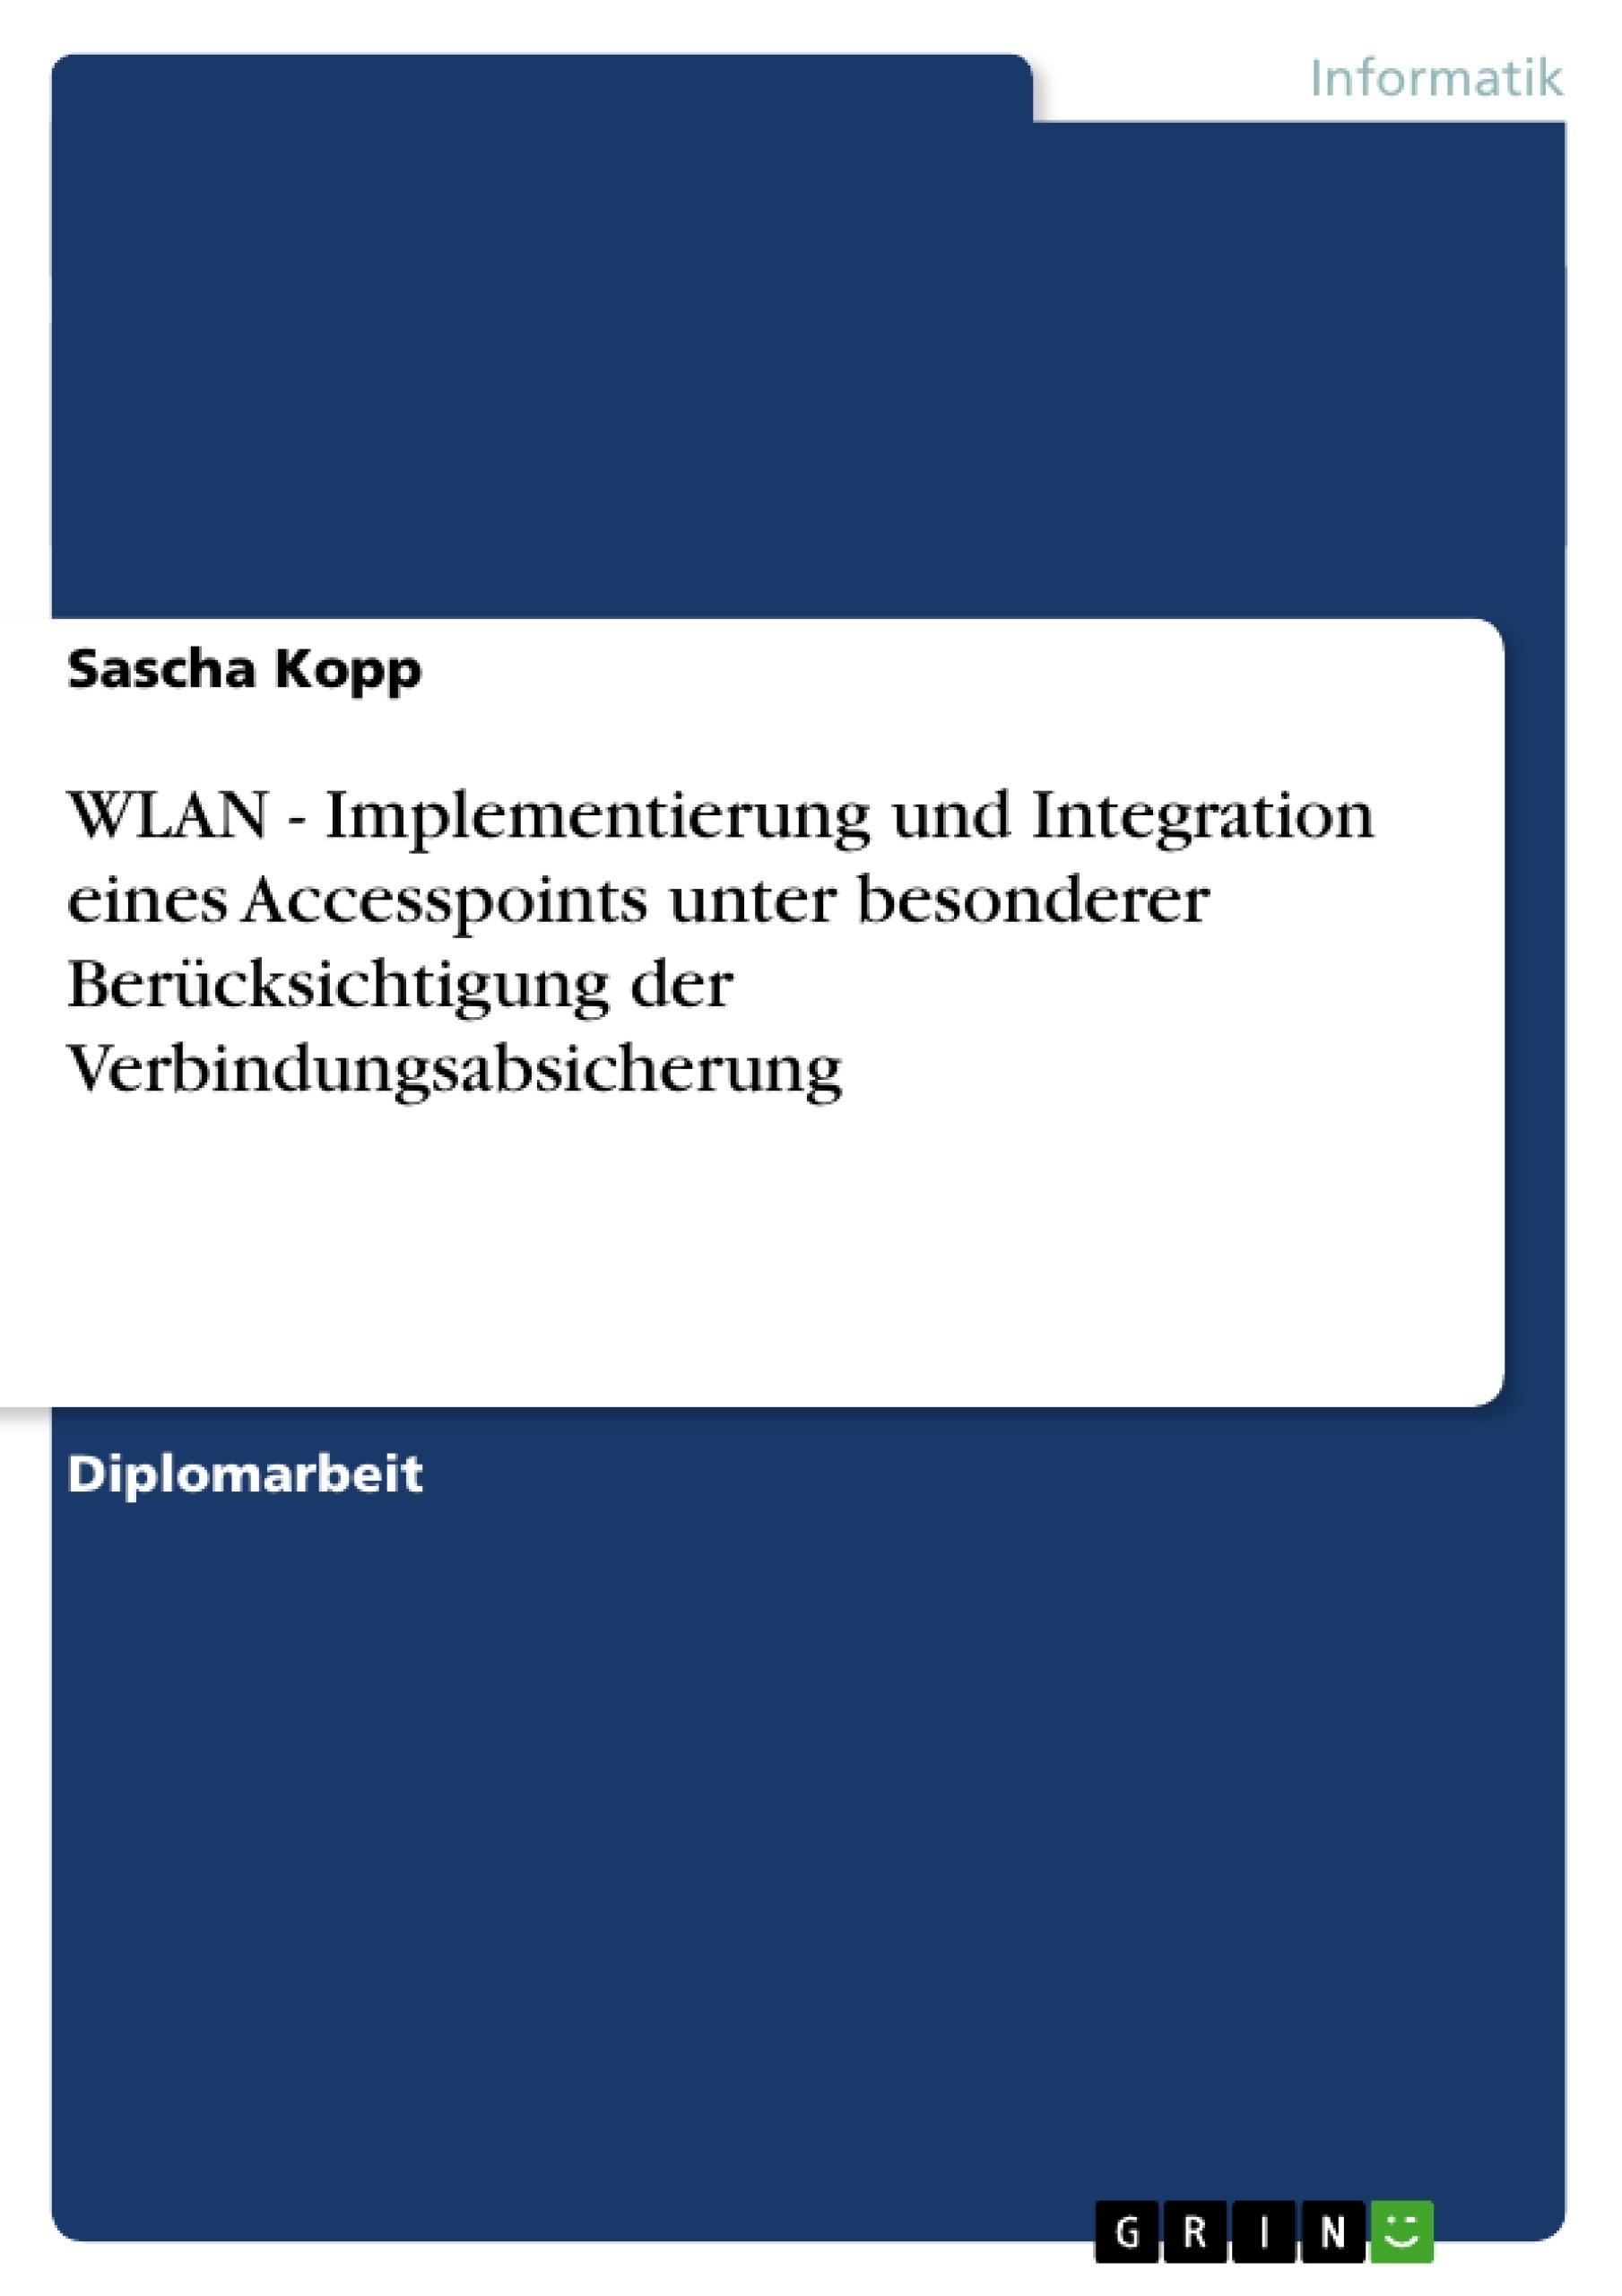 Titel: WLAN - Implementierung und Integration eines Accesspoints unter besonderer Berücksichtigung der Verbindungsabsicherung